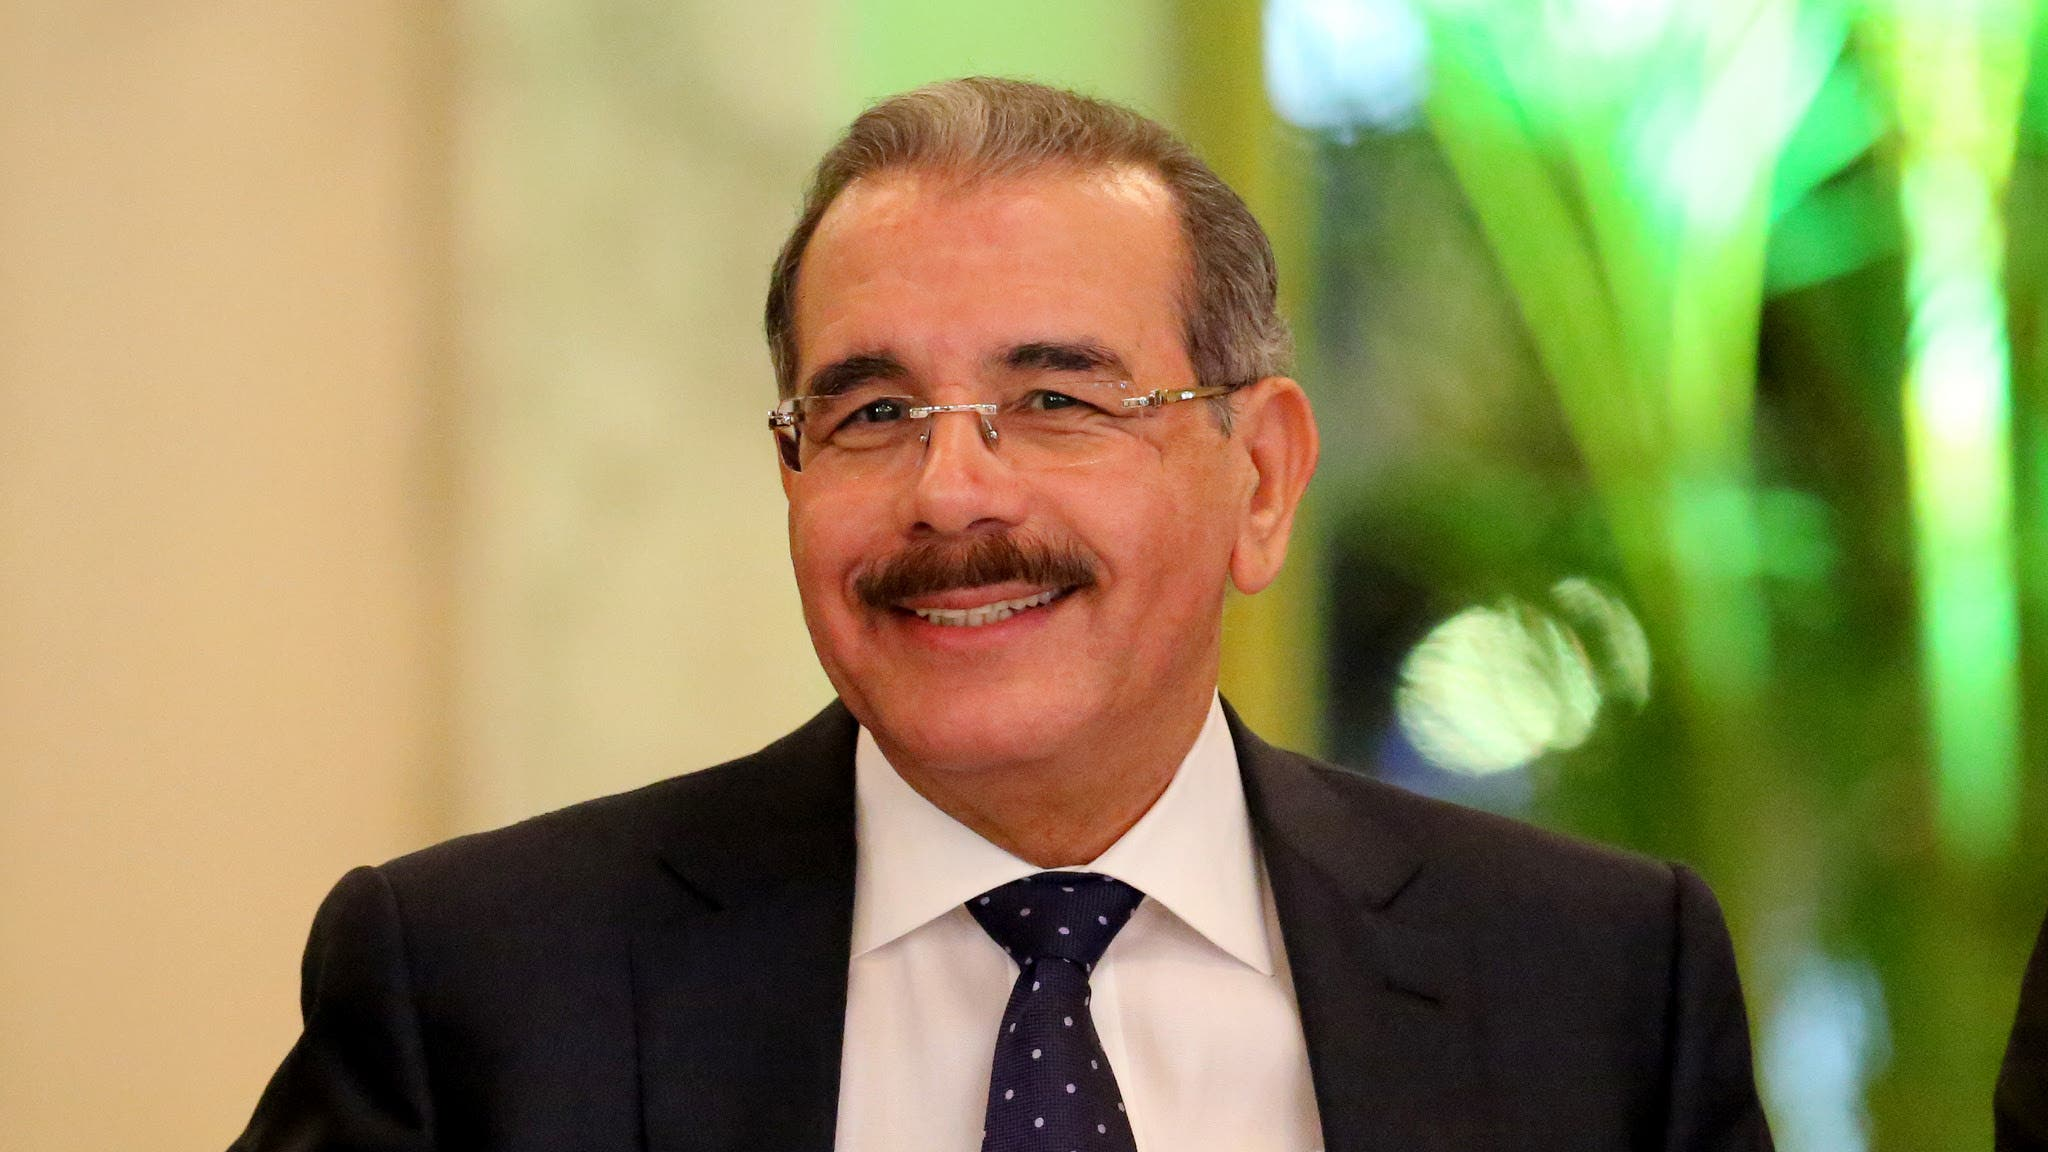 Danilo Medina y Margarita Cedeño no asistirán a la Asamblea Nacional para proclamación